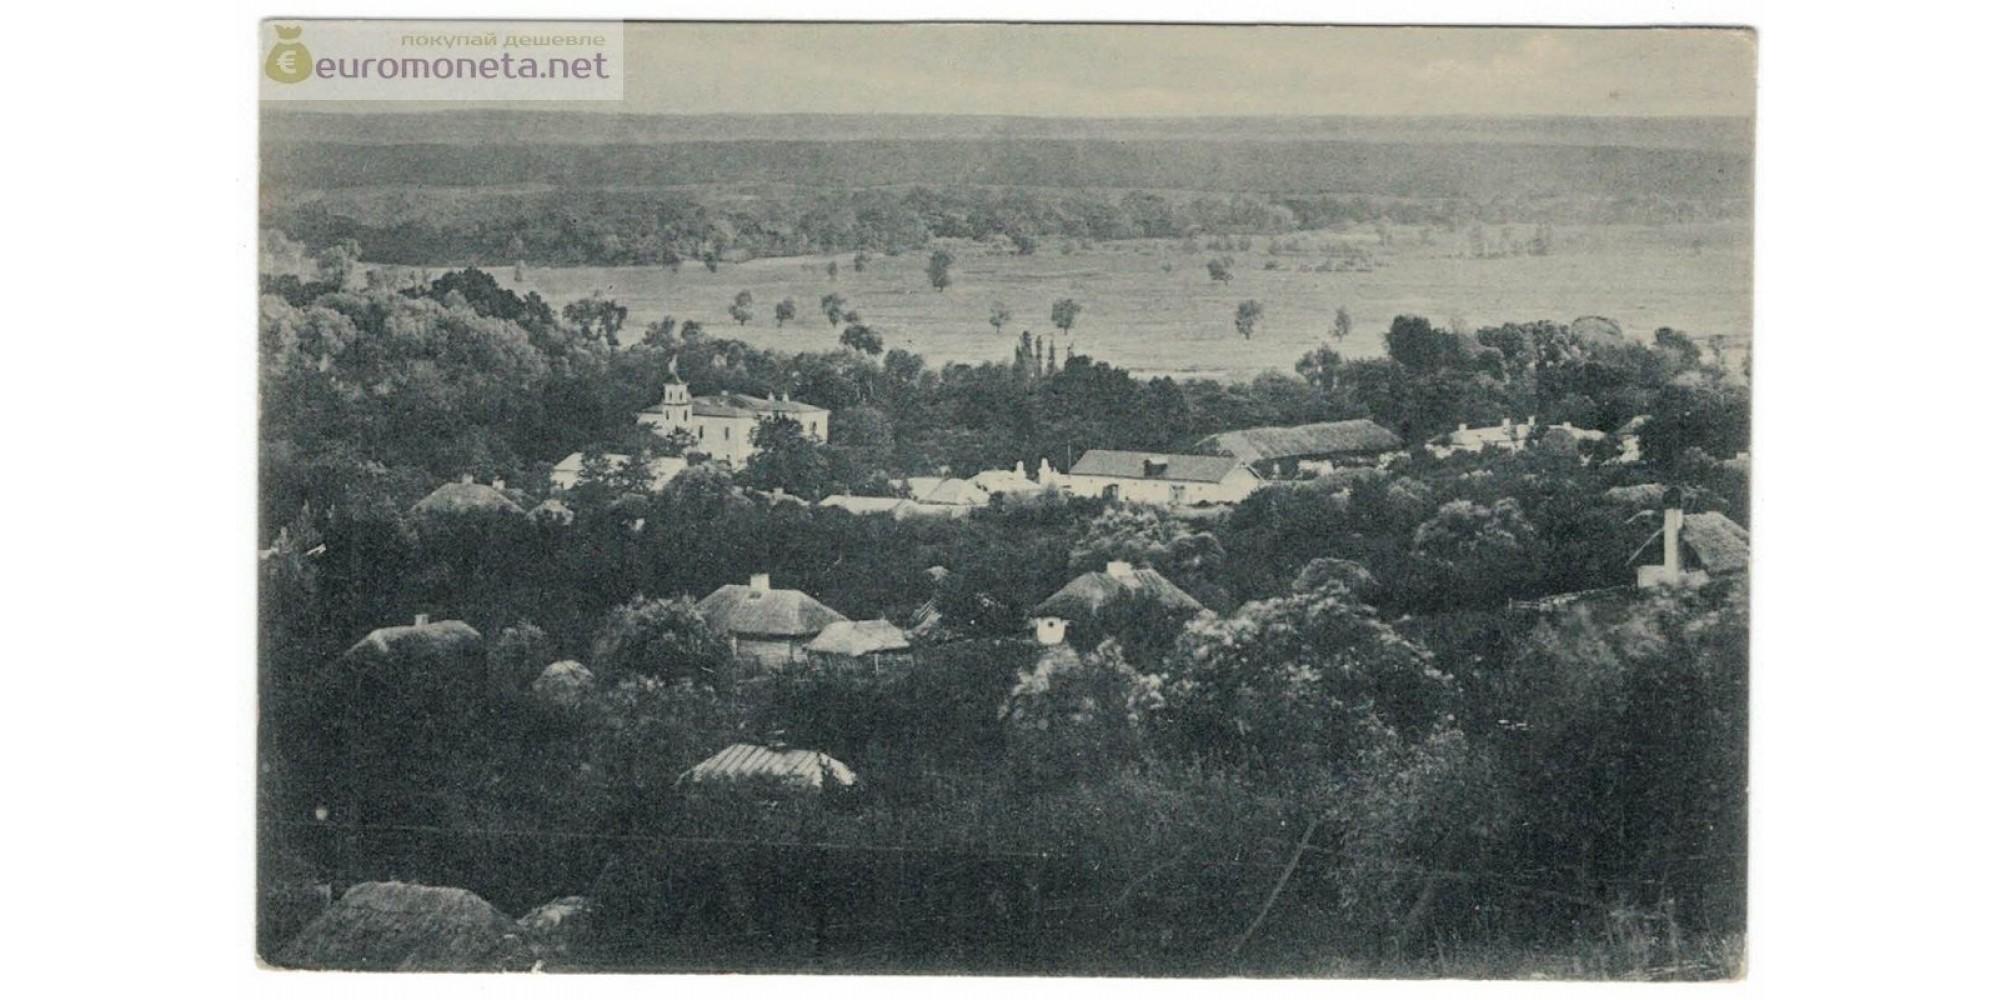 Открытка Пруссия Кёнигсберг Светлый деревня Боброво (Эленскруг, Коббельбуде до 1946 года)